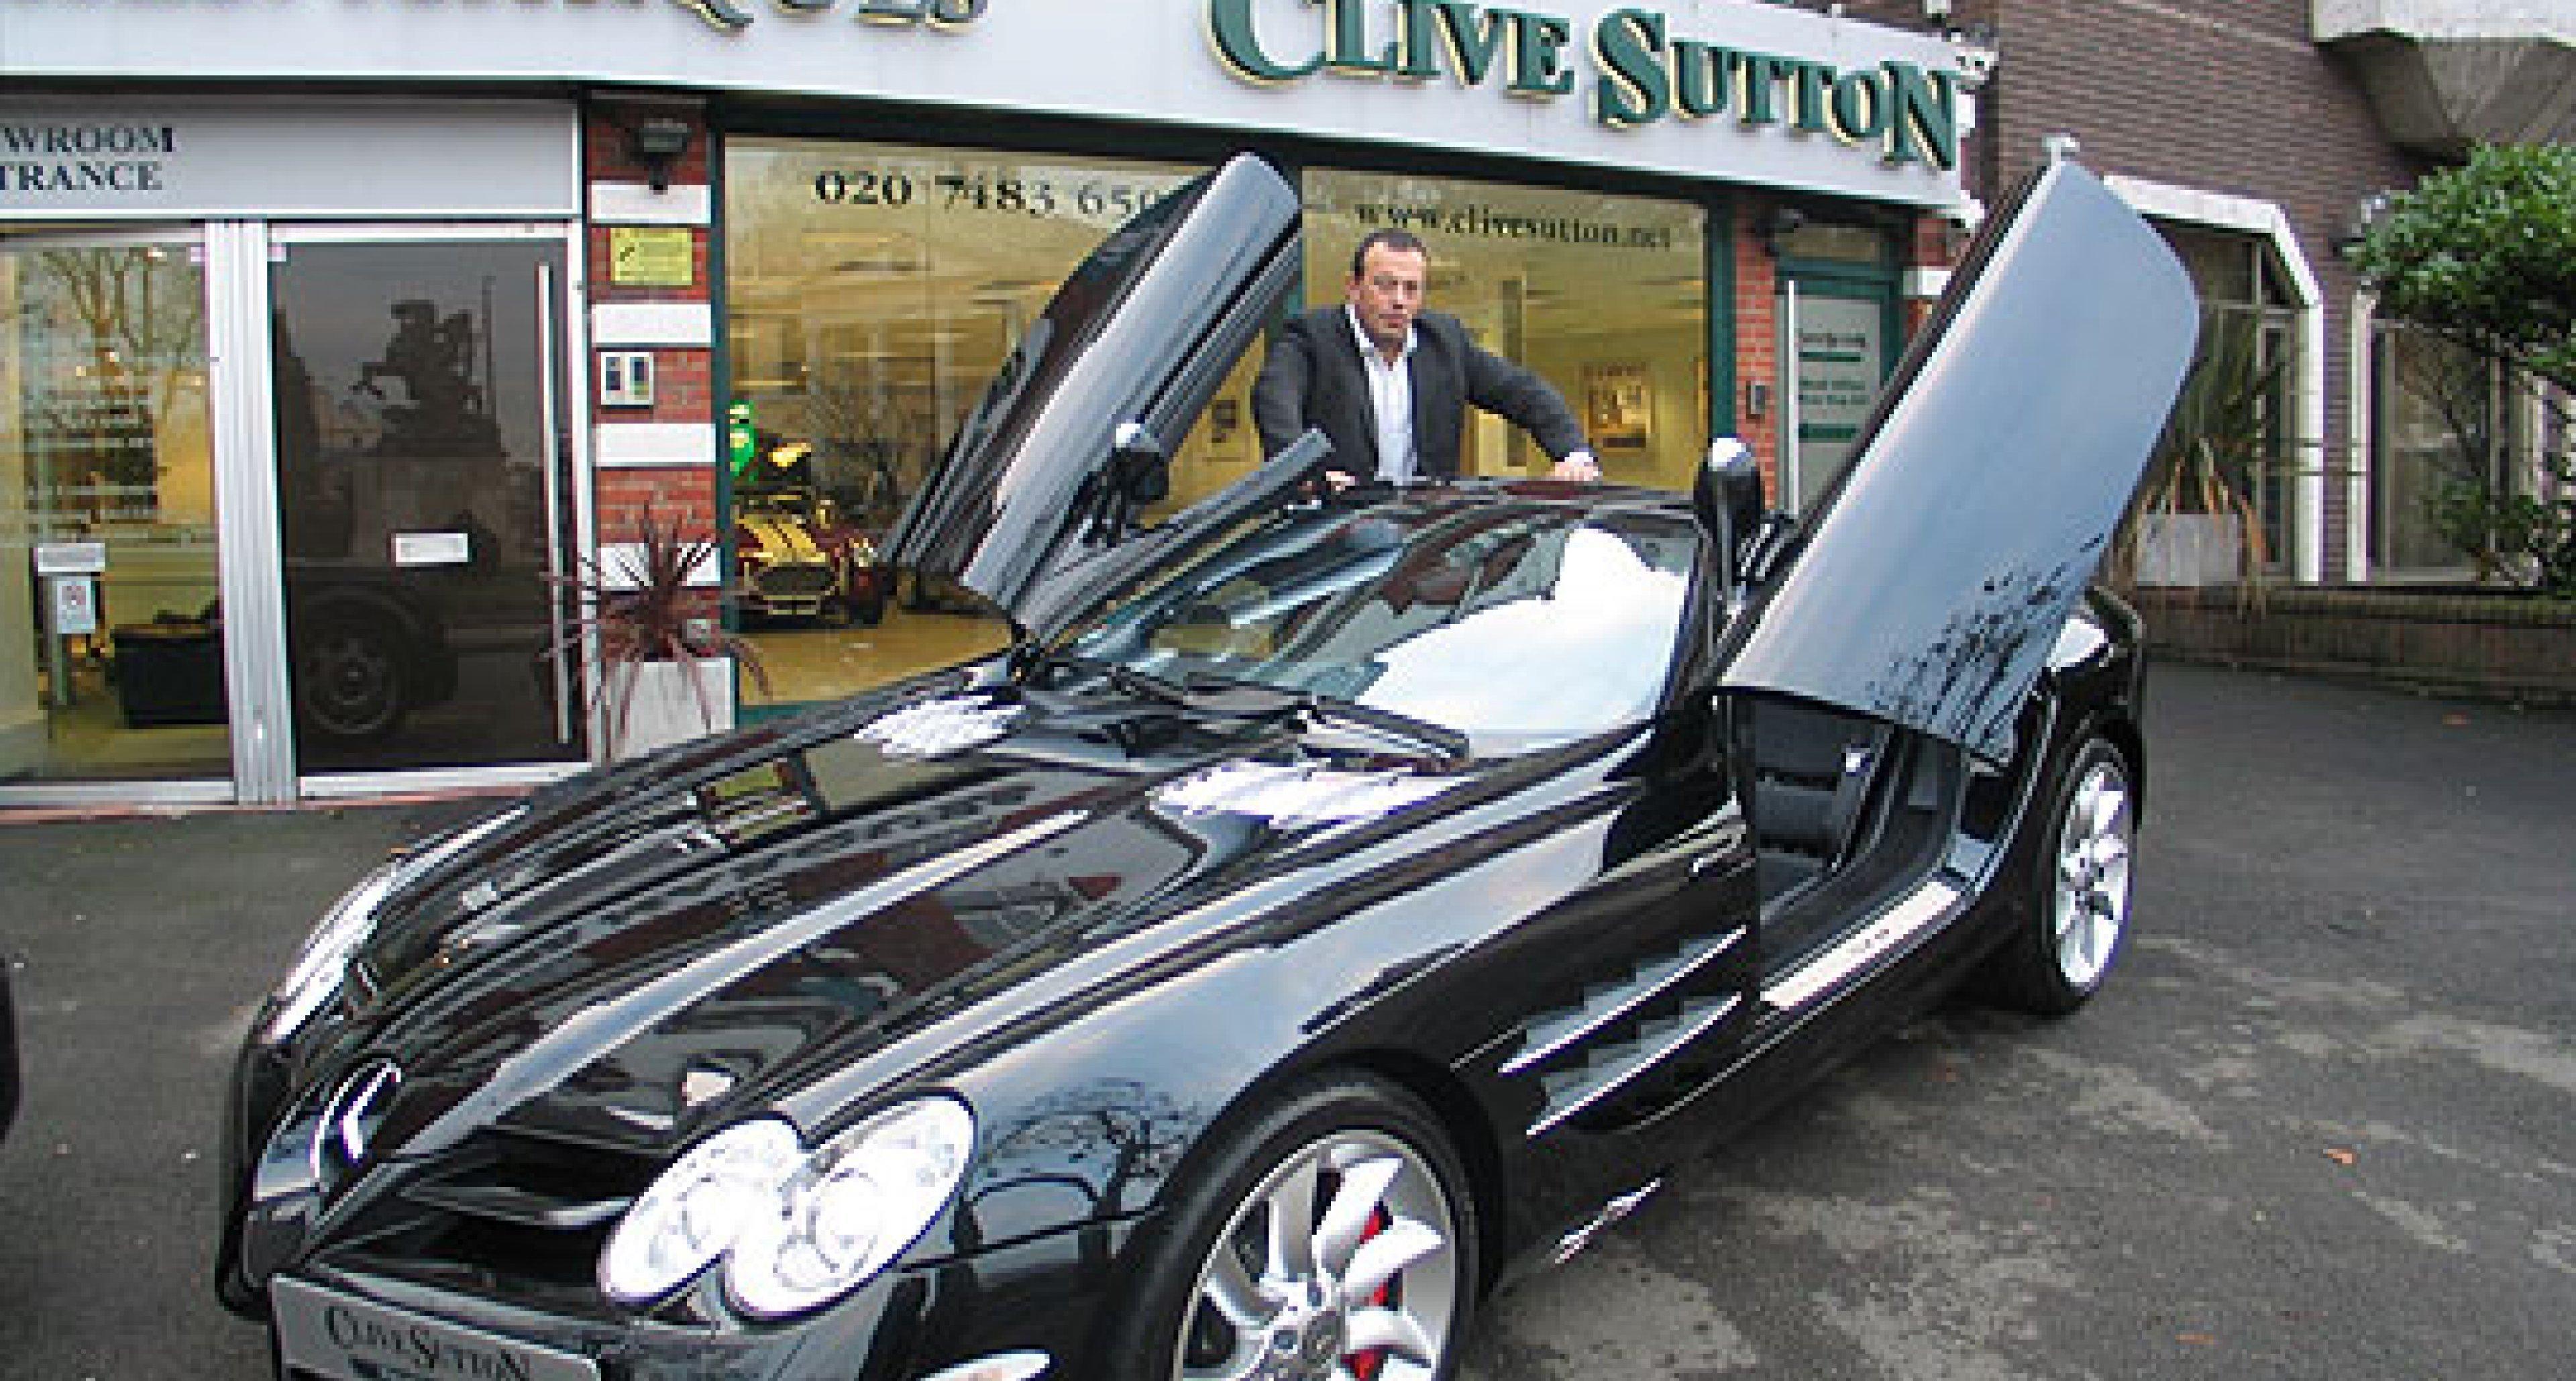 Händlerportrait: Clive Sutton Premier Marques Ltd